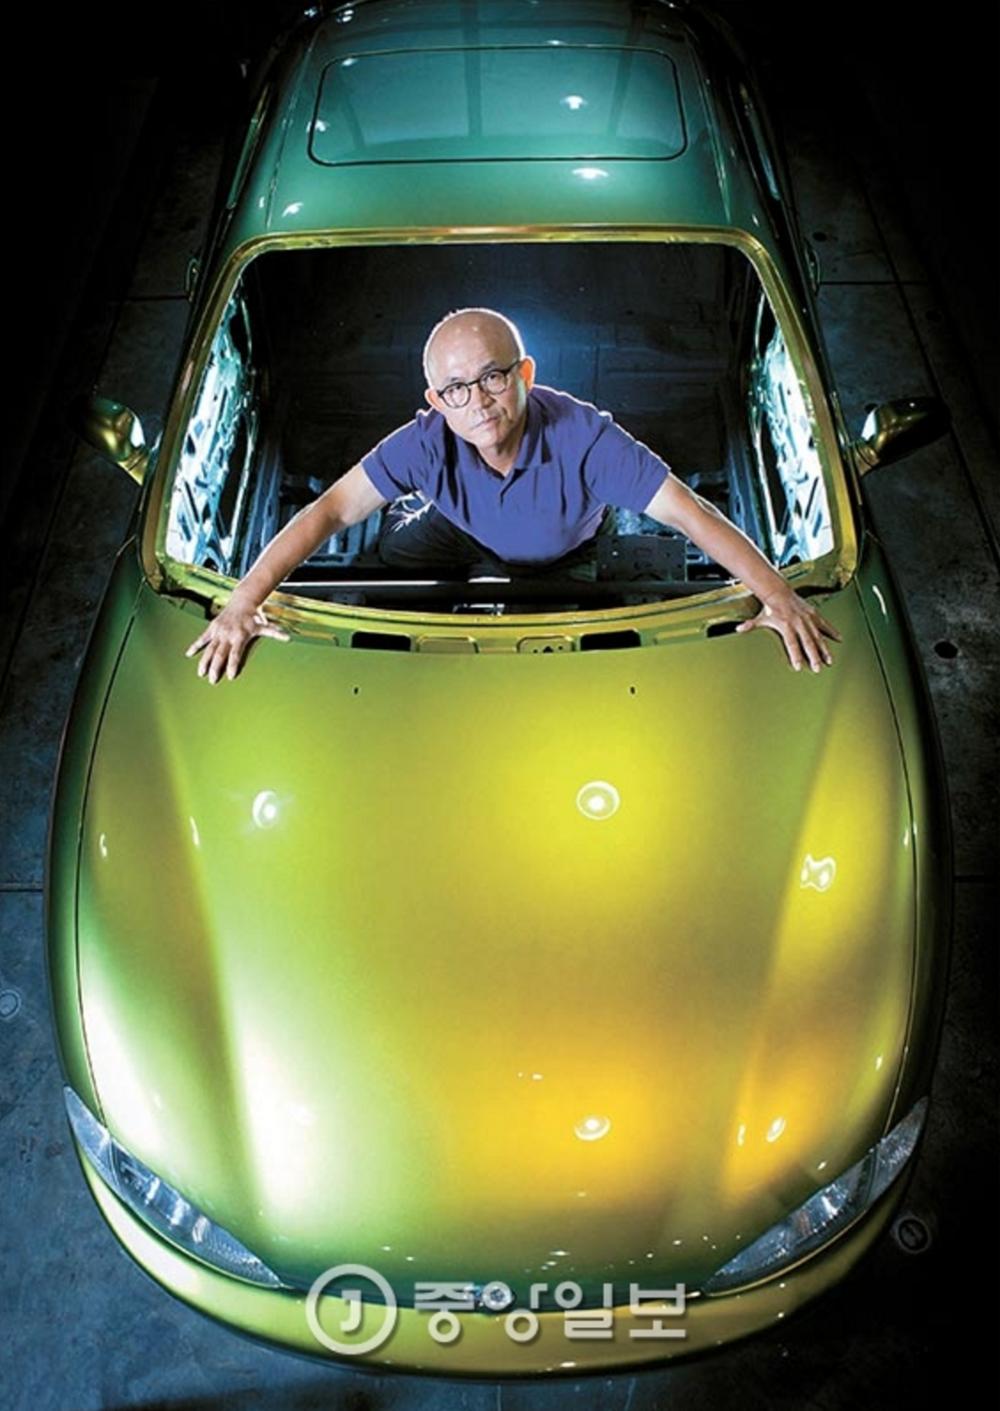 박종서 관장이 FOMA에 전시된 '티뷰론'에 탑승했다. 그는 이 차에 풍뎅이 색깔을 입히기 위해 특수 페인트를 주문해 도색했다.